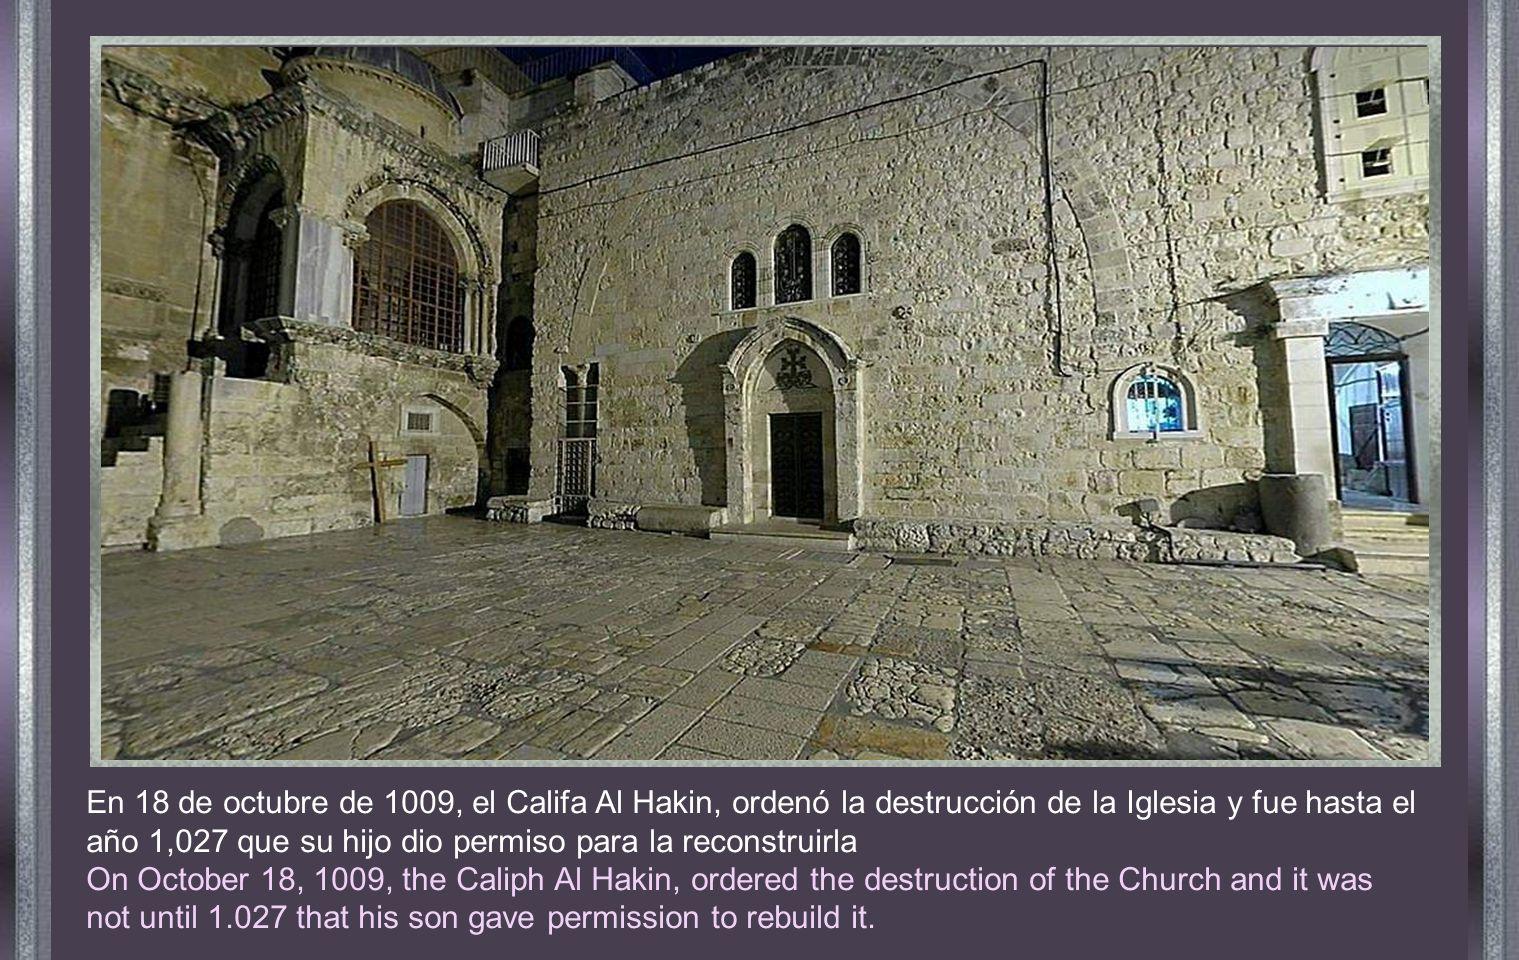 En 18 de octubre de 1009, el Califa Al Hakin, ordenó la destrucción de la Iglesia y fue hasta el año 1,027 que su hijo dio permiso para la reconstruirla On October 18, 1009, the Caliph Al Hakin, ordered the destruction of the Church and it was not until 1.027 that his son gave permission to rebuild it.